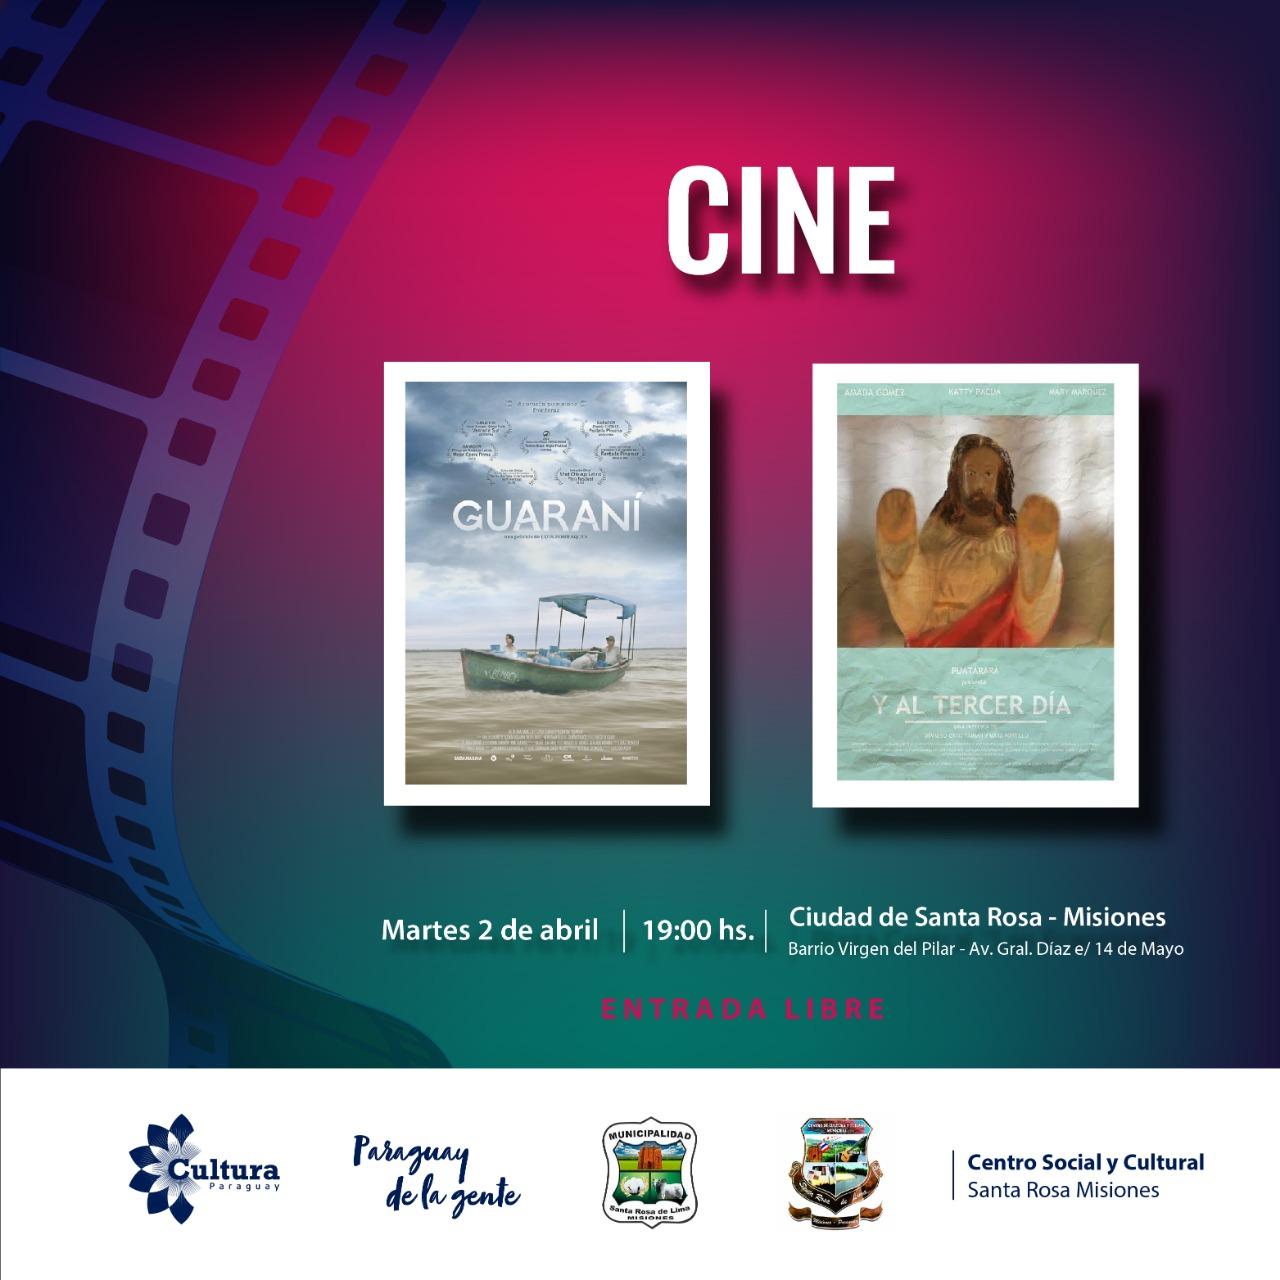 La muestra de cine nacional llega a los espacios públicos de Misiones imagen